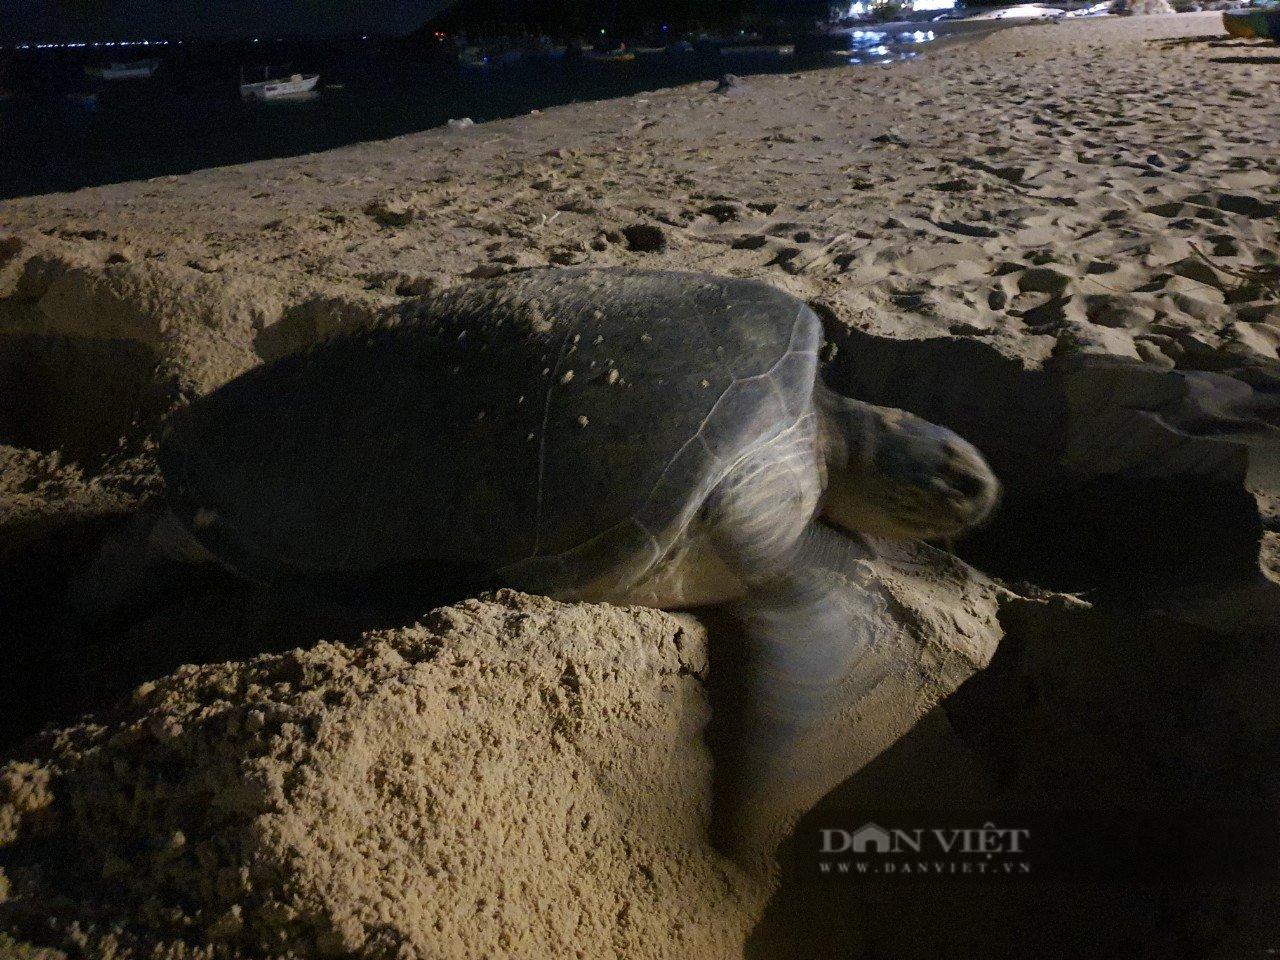 Bình Định: Rùa biển quý hiếm bất ngờ vào bờ, đẻ được 99 quả trứng - Ảnh 3.